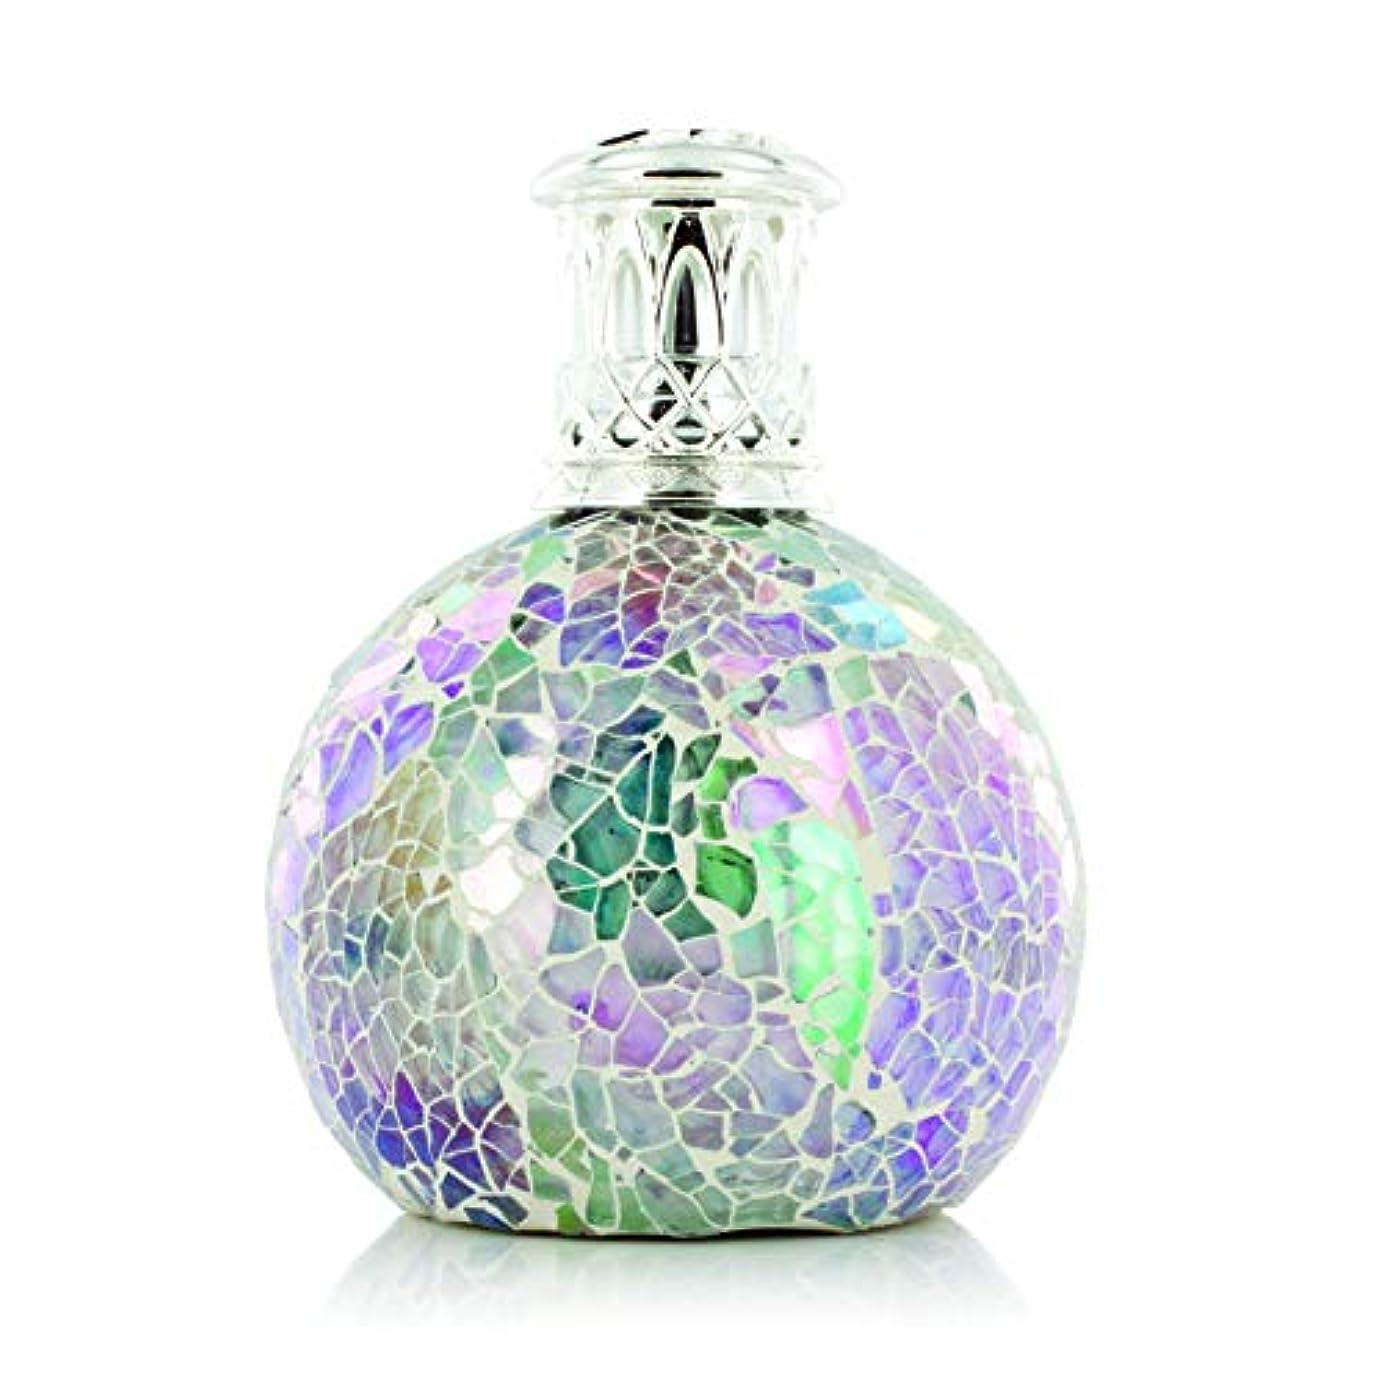 バーチャルいつもライムAshleigh&Burwood フレグランスランプ S フェアリーボール FragranceLamps sizeS FairyBall アシュレイ&バーウッド